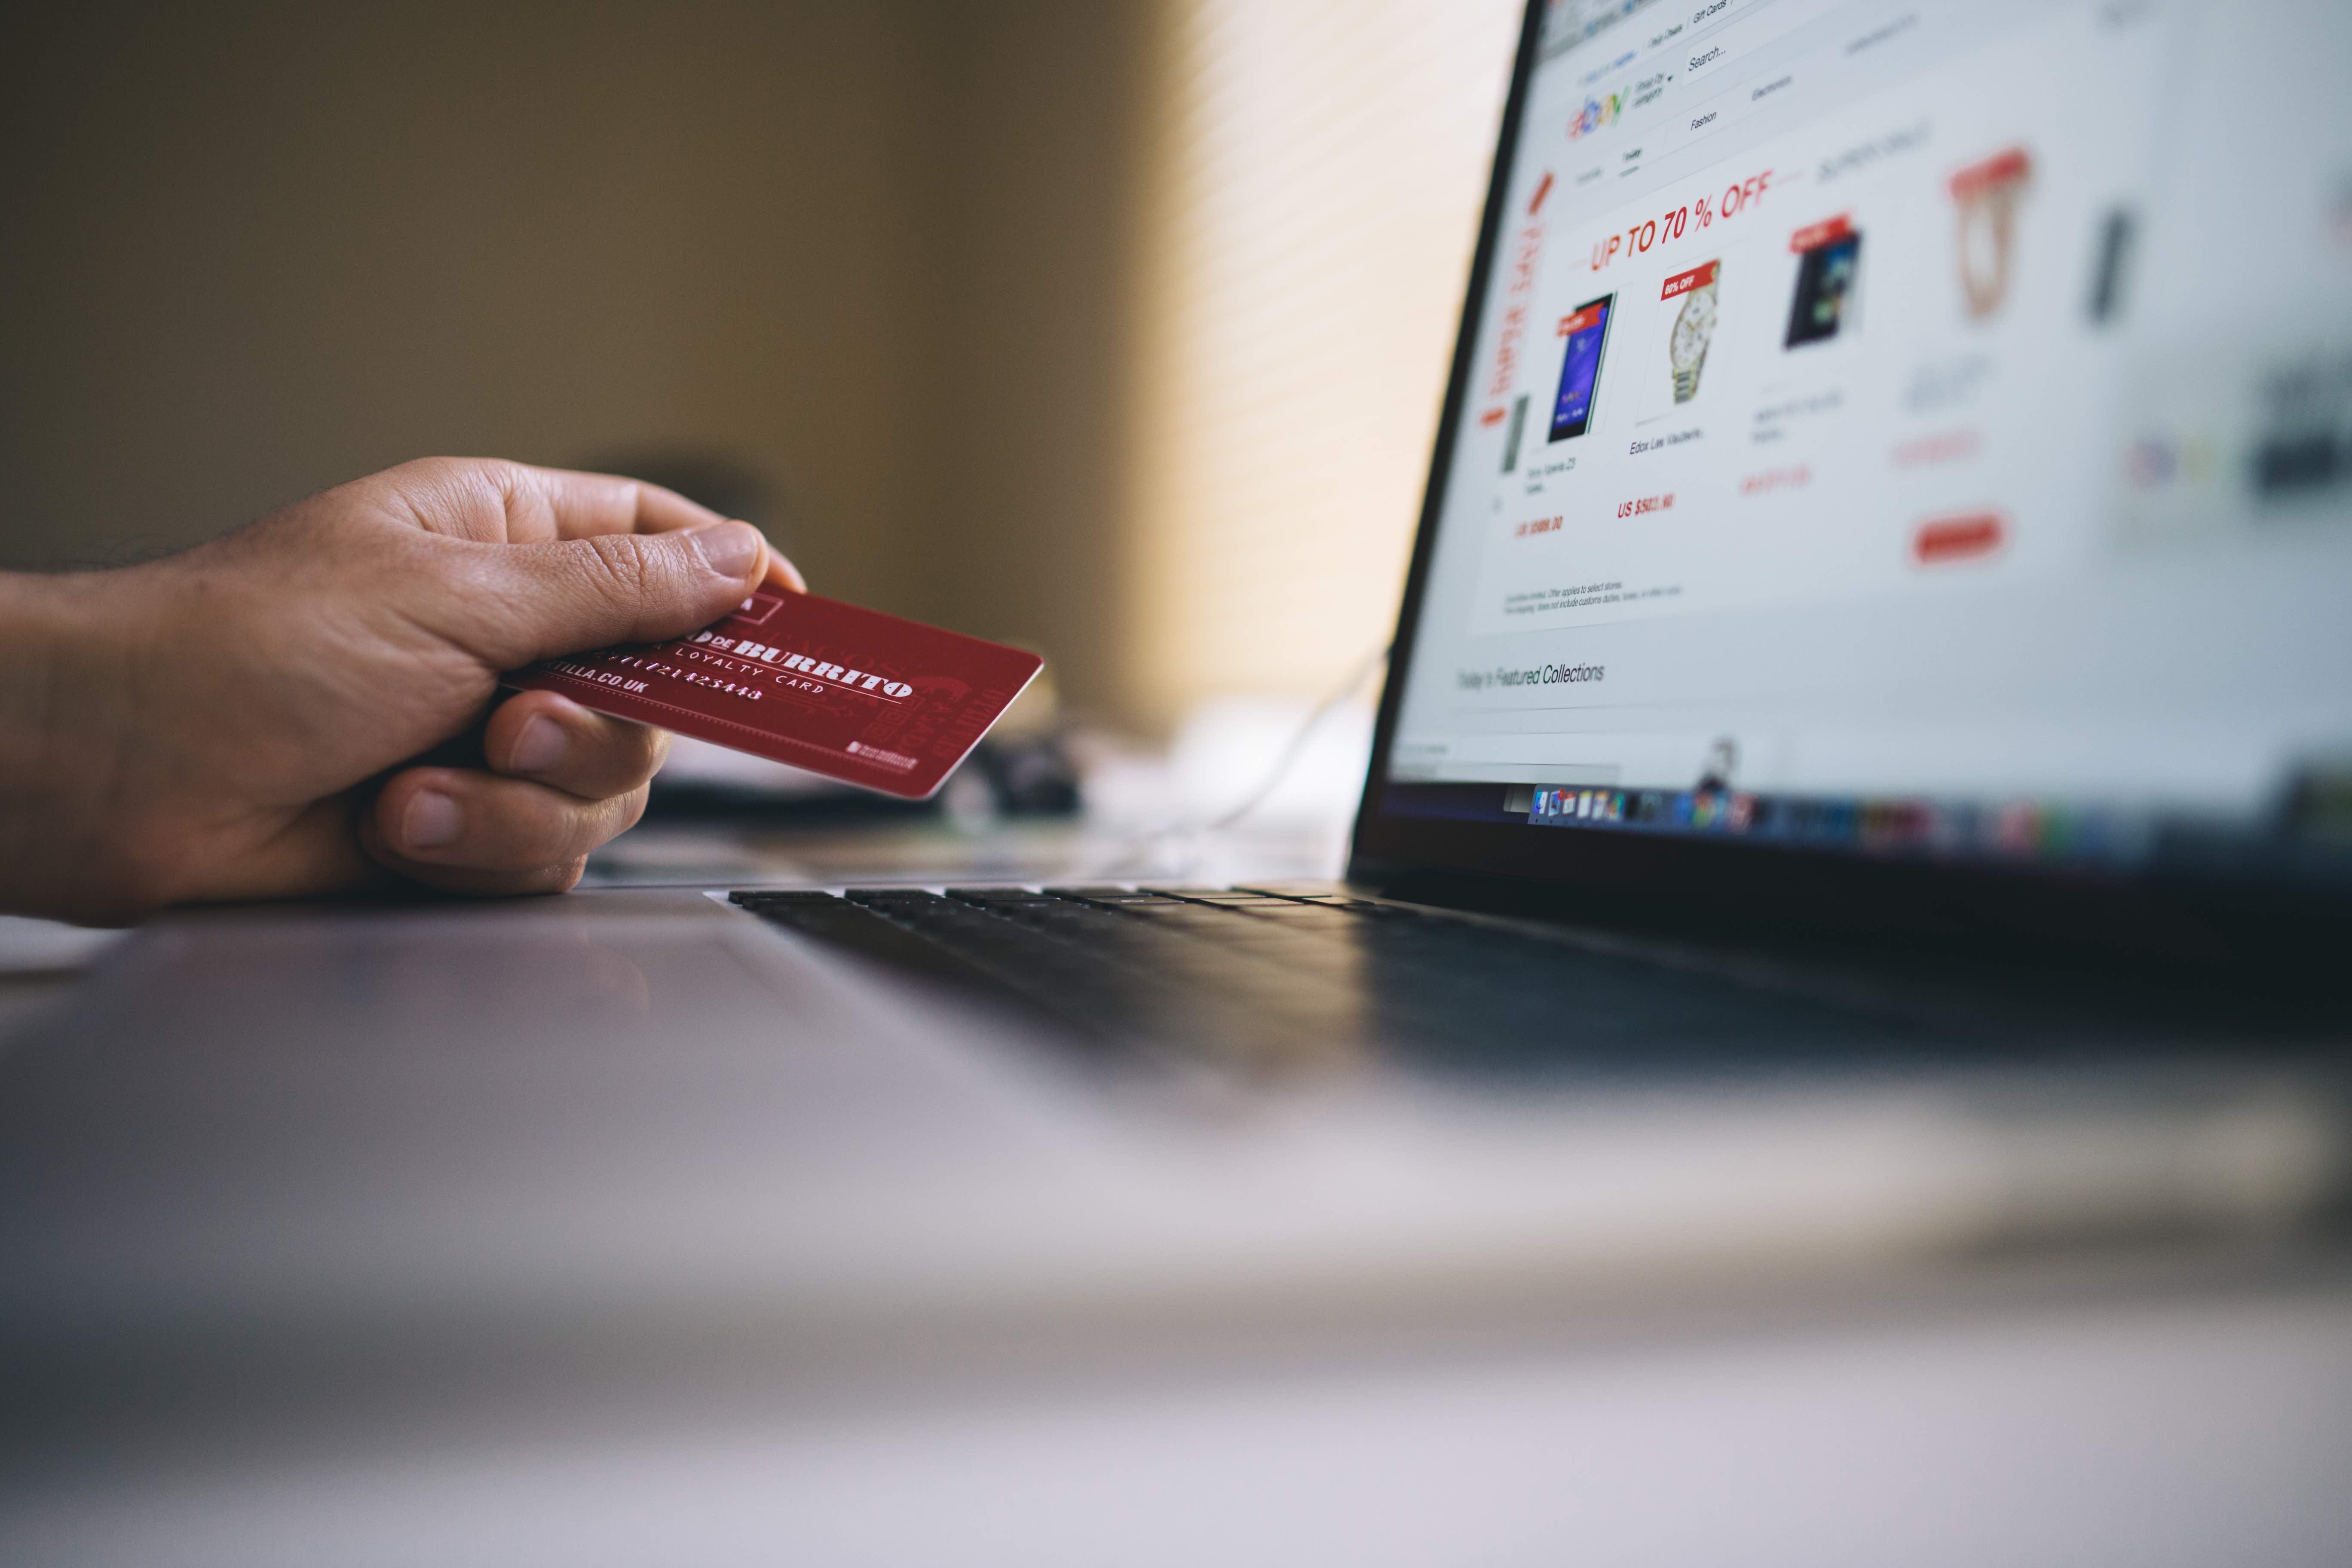 Online vásárlás trendek a es évek elejétől, e-kereskedelem alakulása